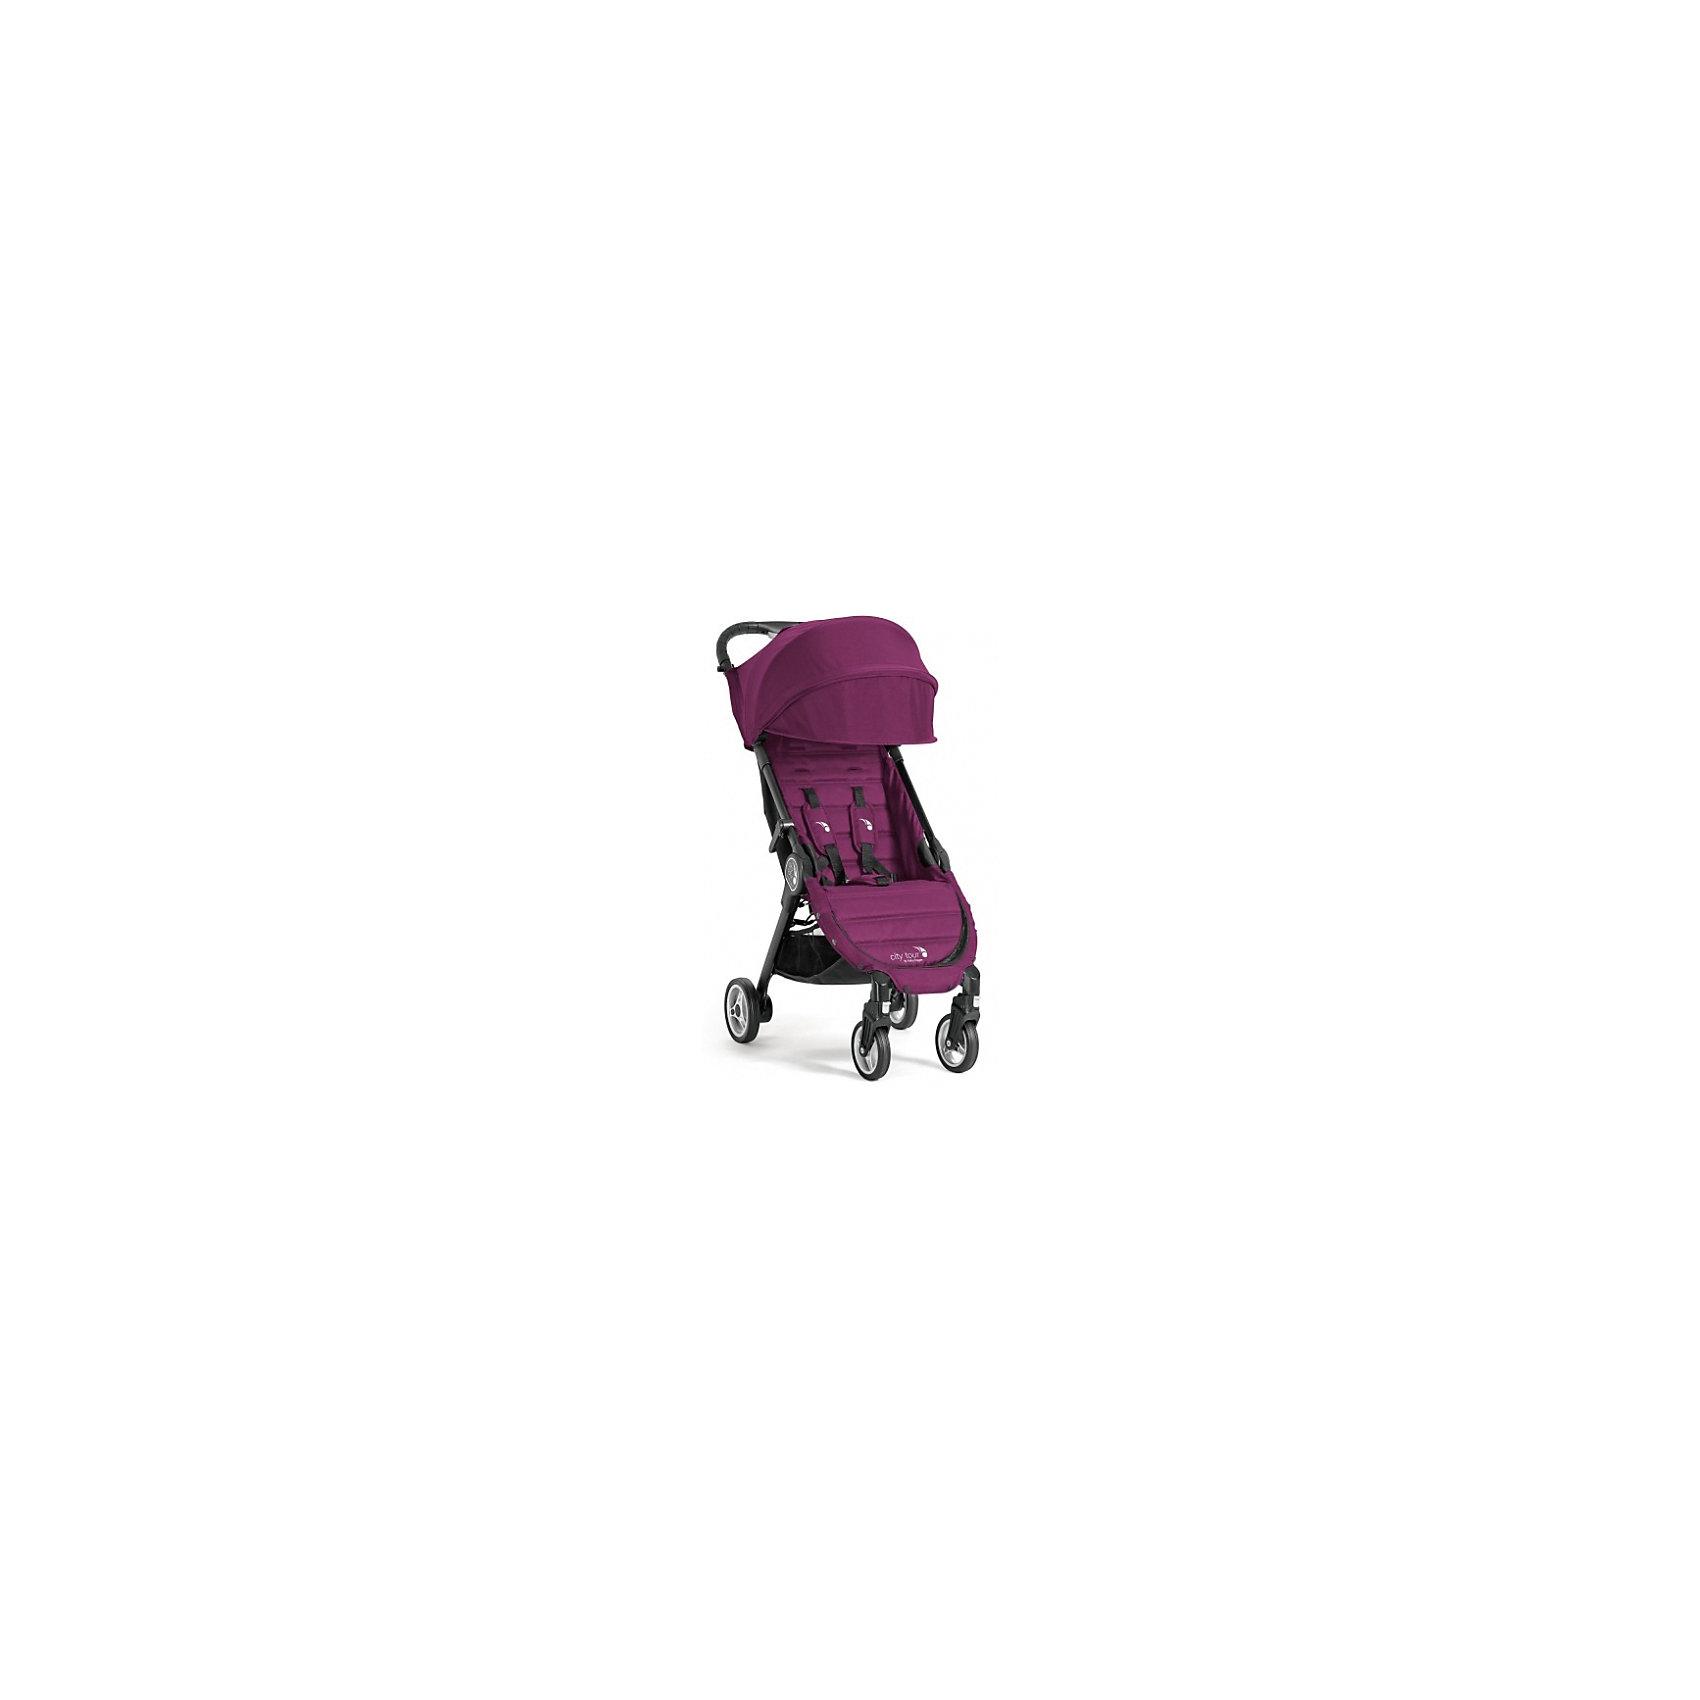 Прогулочная коляска Baby Jogger City Tour, фиолетовыйПрогулочные коляски<br>Характеристики:<br><br>• регулируется положение спинки, угол наклона 150 градусов;<br>• регулируемая подножка;<br>• 5-ти точечные ремни безопасности;<br>• дополнительная секция на капюшоне;<br>• смотровое окошко;<br>• солнцезащитный козырек;<br>• защитный бампер снимается;<br>• поворотные передние колеса с фиксацией;<br>• тормоз – стопор задних колес;<br>• корзина для покупок;<br>• коляска складывается одной рукой – система Quickfold;<br>• механизм складывания: книжка;<br>• в комплекте имеется сумка для переноски коляски.<br><br>Размеры: <br><br>• размер коляски: 91х45х23 см;<br>• размер коляски в сложенном виде: 56х45х23 см;<br>• ширина сиденья: 30 см;<br>• глубина сиденья: 21 см;<br>• высота спинки: 44 см;<br>• длина подножки: 21 см;<br>• высота посадки: 40 см;<br>• диаметр колес: 12,5 см, 14,5 см;<br>• вес коляски: 6,4 кг.<br><br>Прогулочная коляска для путешествий легко складывается одной рукой, имеет компактные размеры, транспортируется в сумке-рюкзаке для переноски. Незначительные размеры коляски позволяют представить багаж в виде ручной клади, чтобы сразу после перелета разложить коляску и дать возможность ребенку отдохнуть после самолета. <br><br>Прогулочную коляску City Tour, Baby Jogger можно купить в нашем интернет-магазине.<br><br>Ширина мм: 425<br>Глубина мм: 550<br>Высота мм: 200<br>Вес г: 8200<br>Возраст от месяцев: 6<br>Возраст до месяцев: 36<br>Пол: Женский<br>Возраст: Детский<br>SKU: 5613097